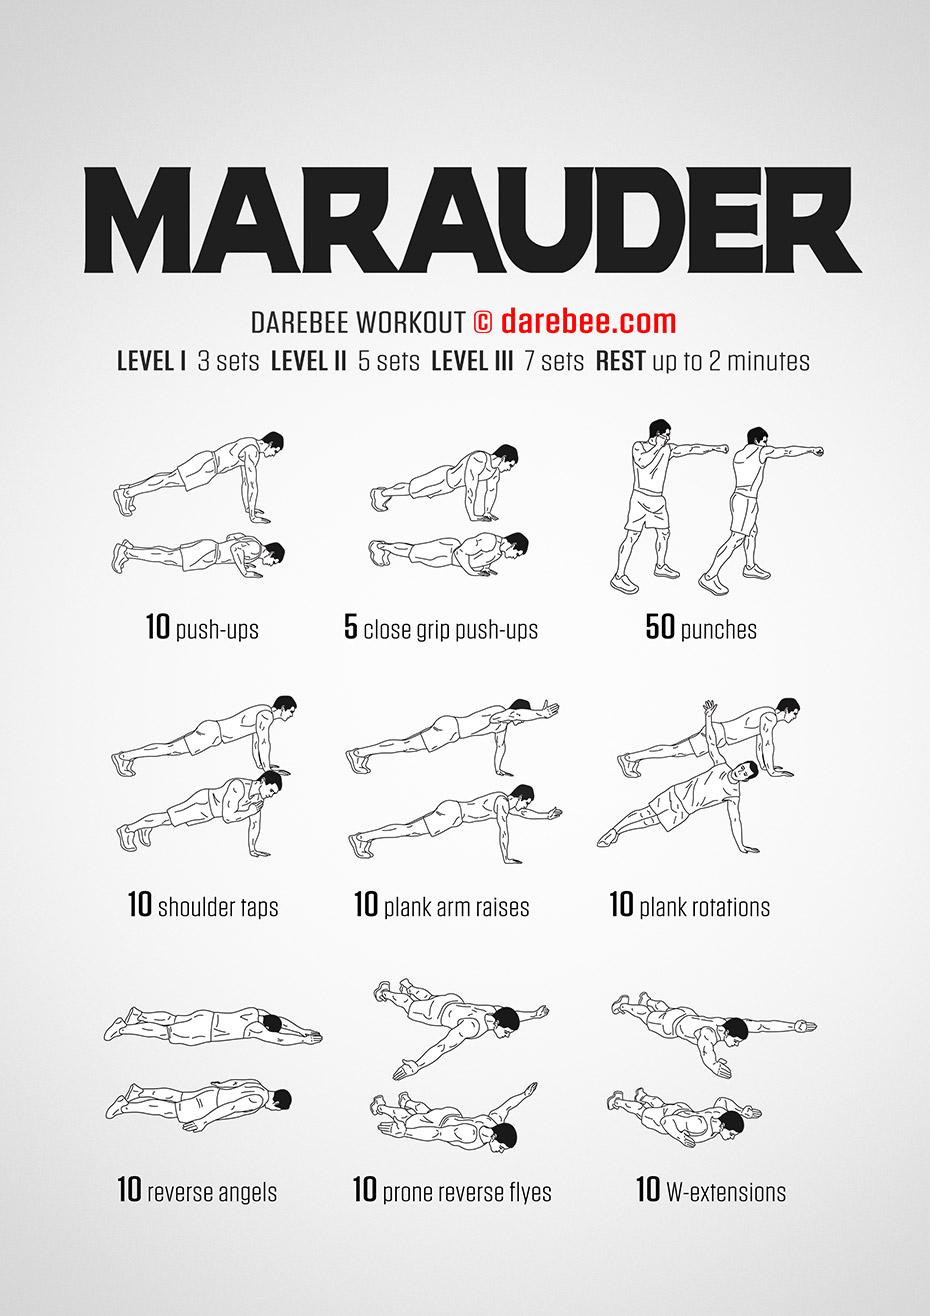 marauder workout